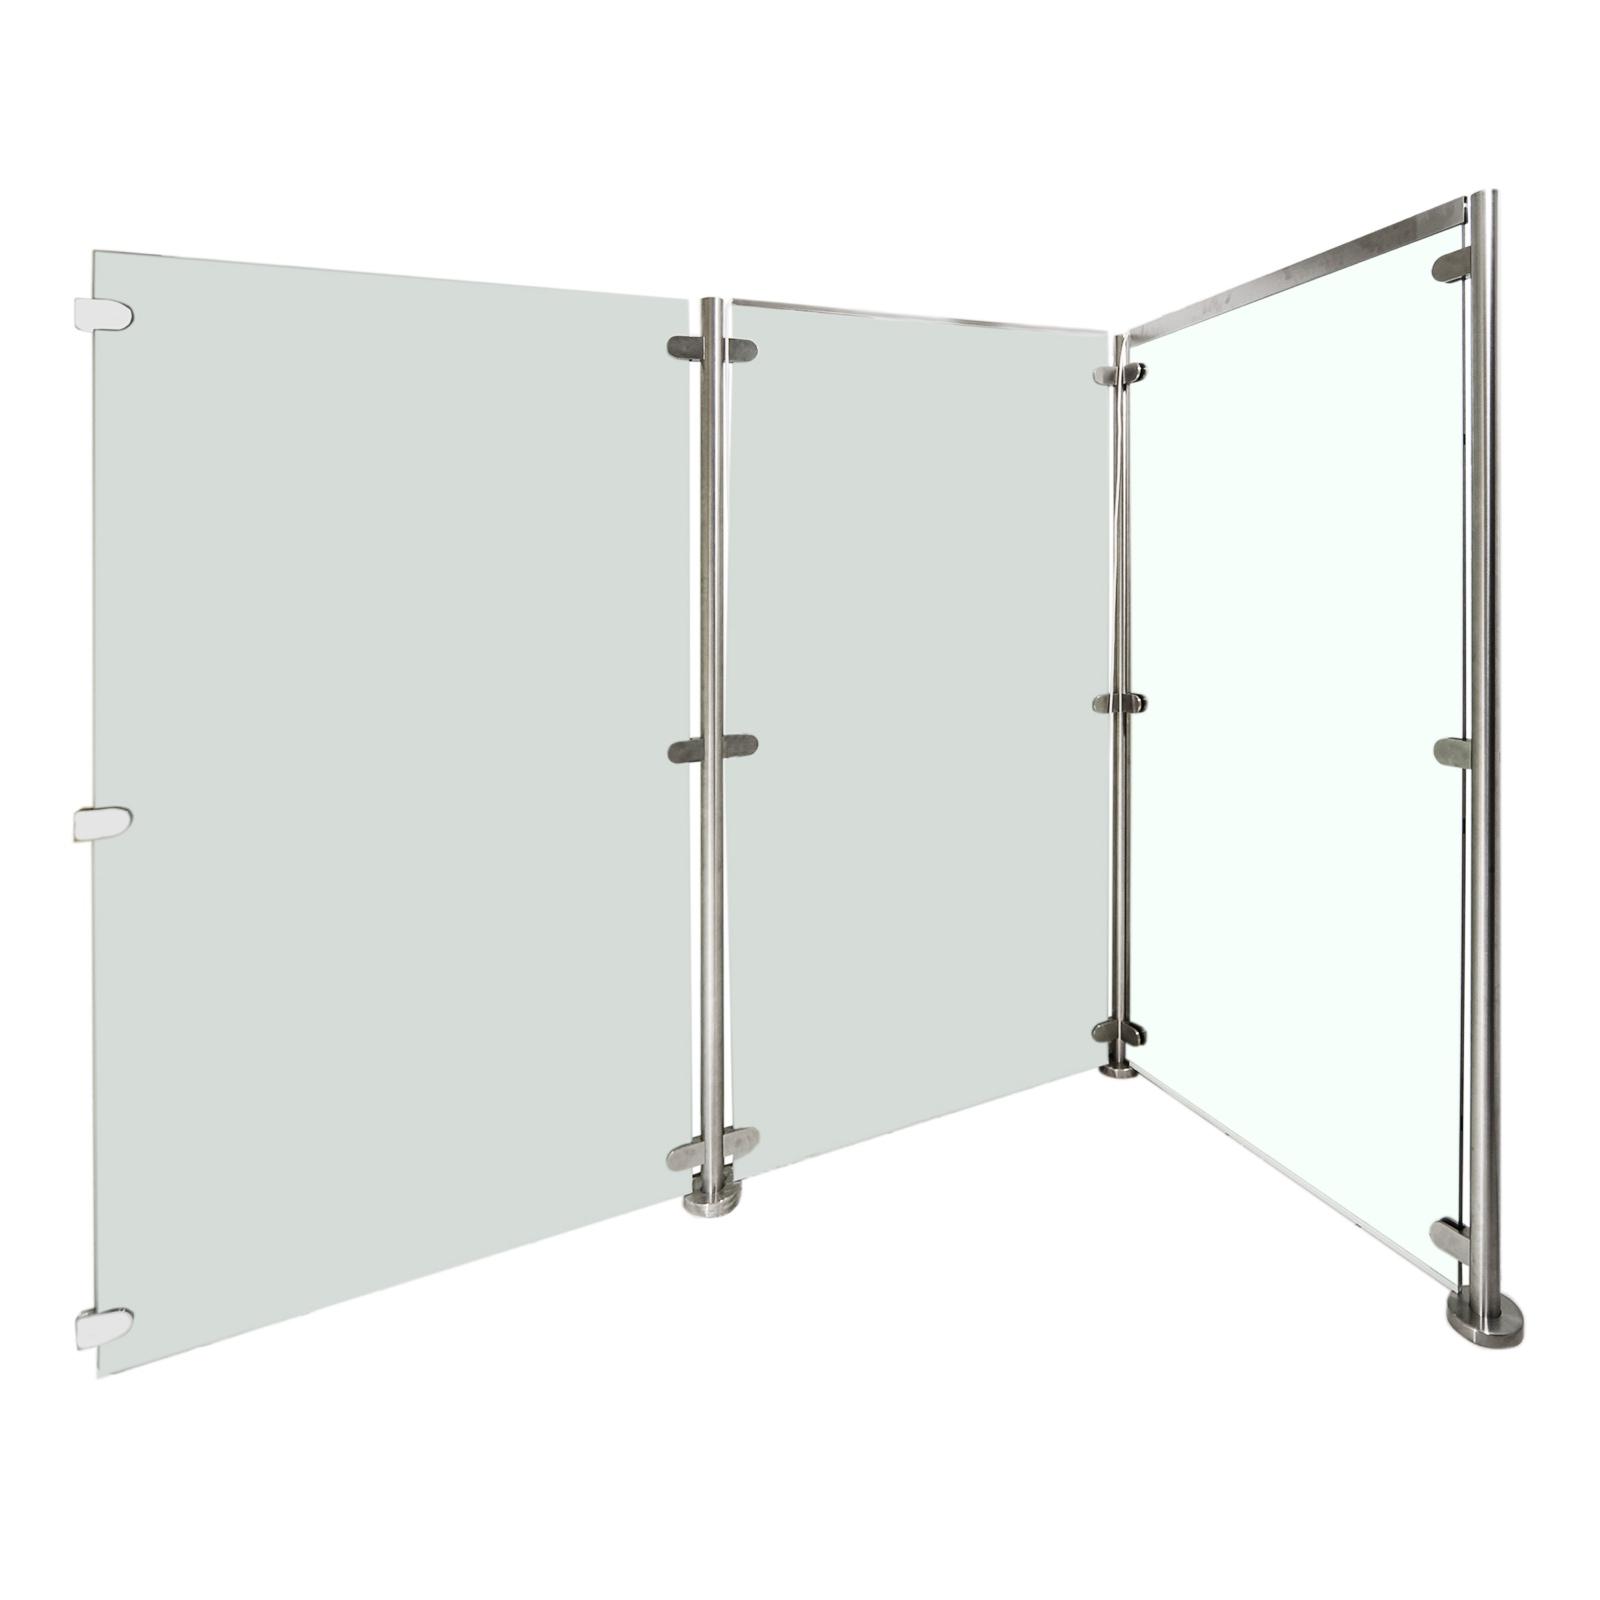 sichtschutz glas edelstahl inneneinrichtung und m bel. Black Bedroom Furniture Sets. Home Design Ideas